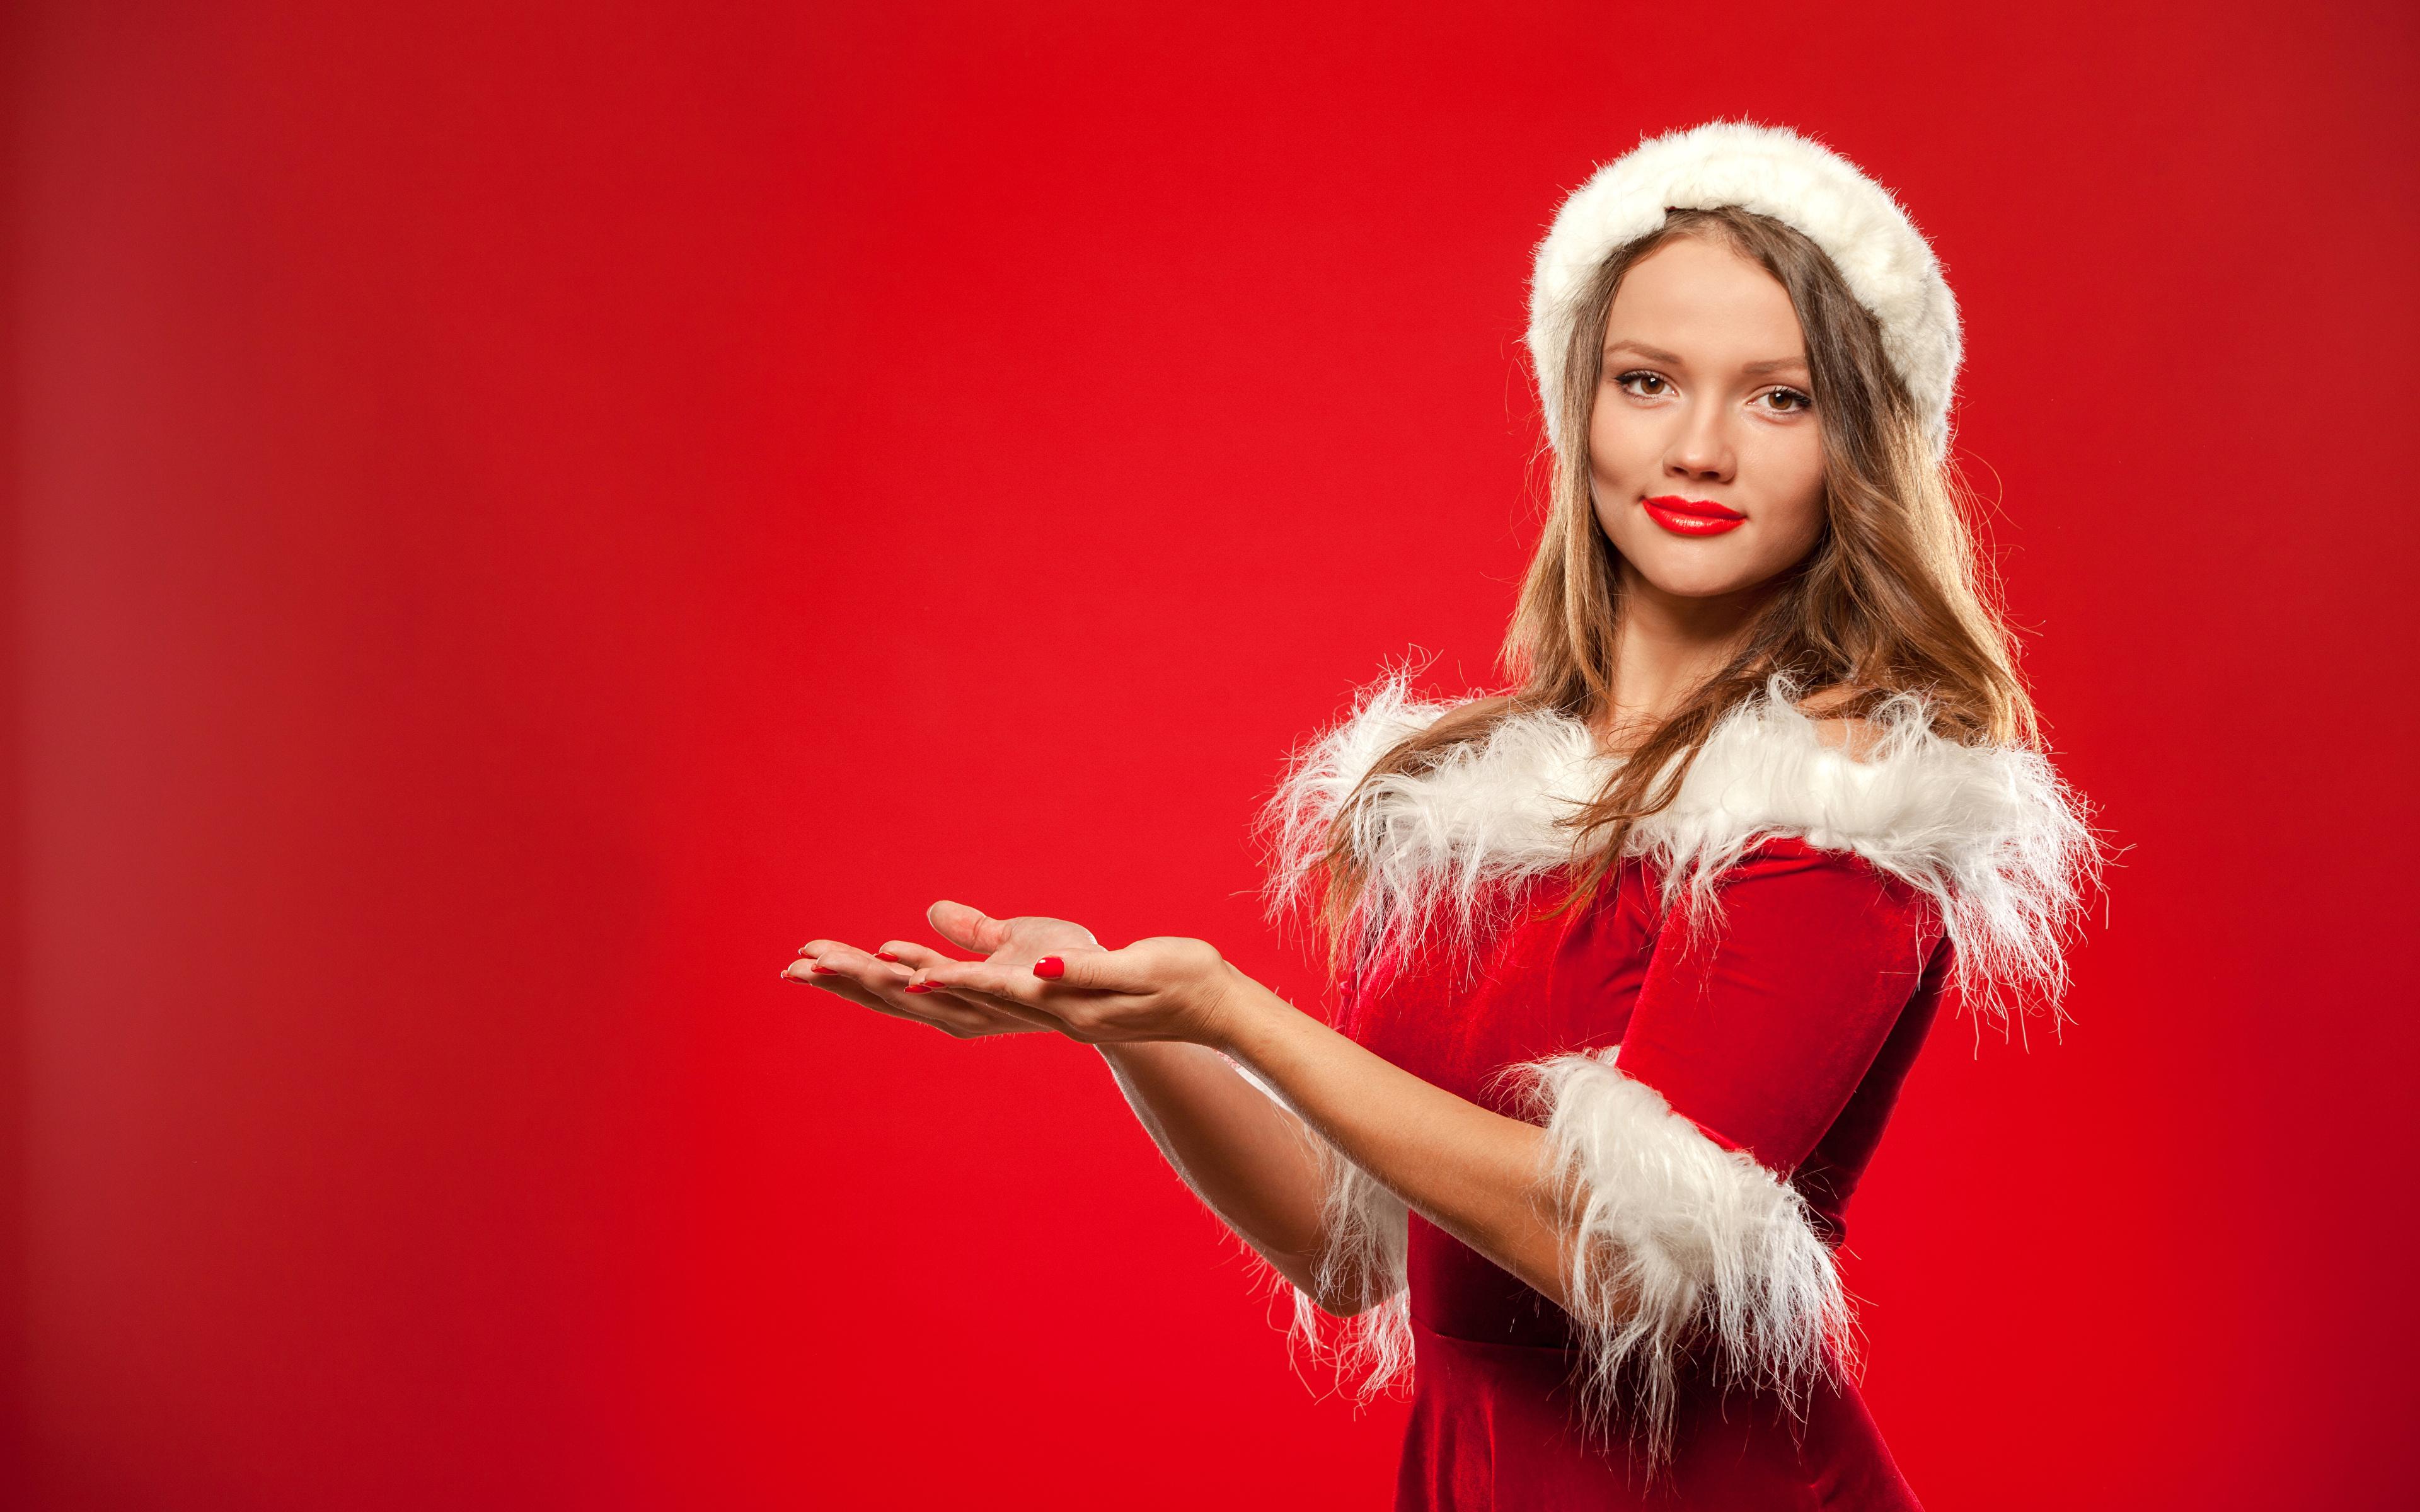 Bilder Neujahr Braune Haare junge frau Hand Uniform Blick Roter Hintergrund 3840x2400 Braunhaarige Mädchens junge Frauen Starren